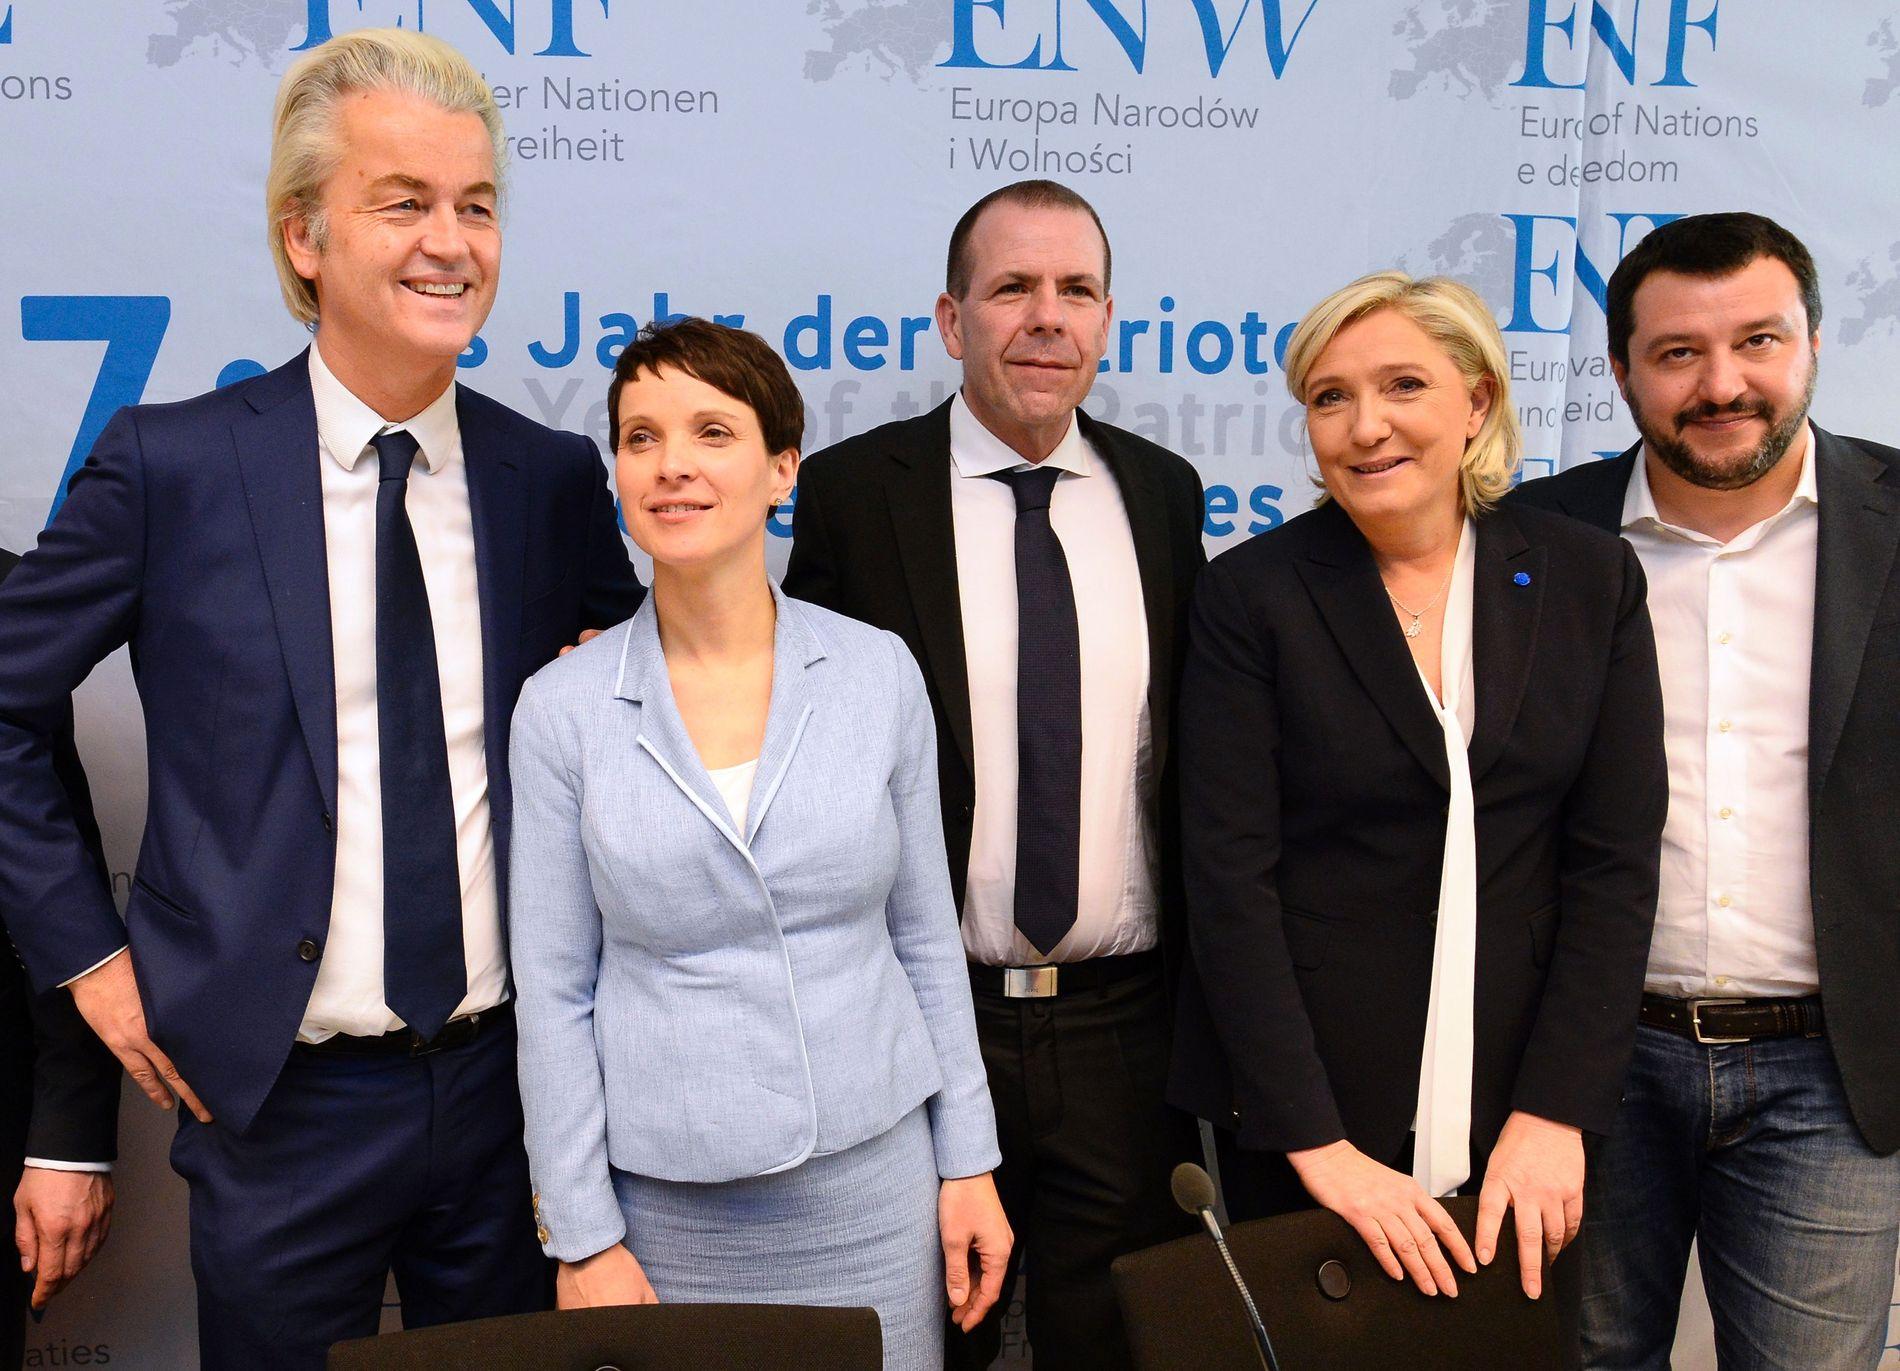 MØTTES: Representanter for de høyrepopulistiske partiene i Europa satte hverandre stevne i Koblenz tidligere i år.